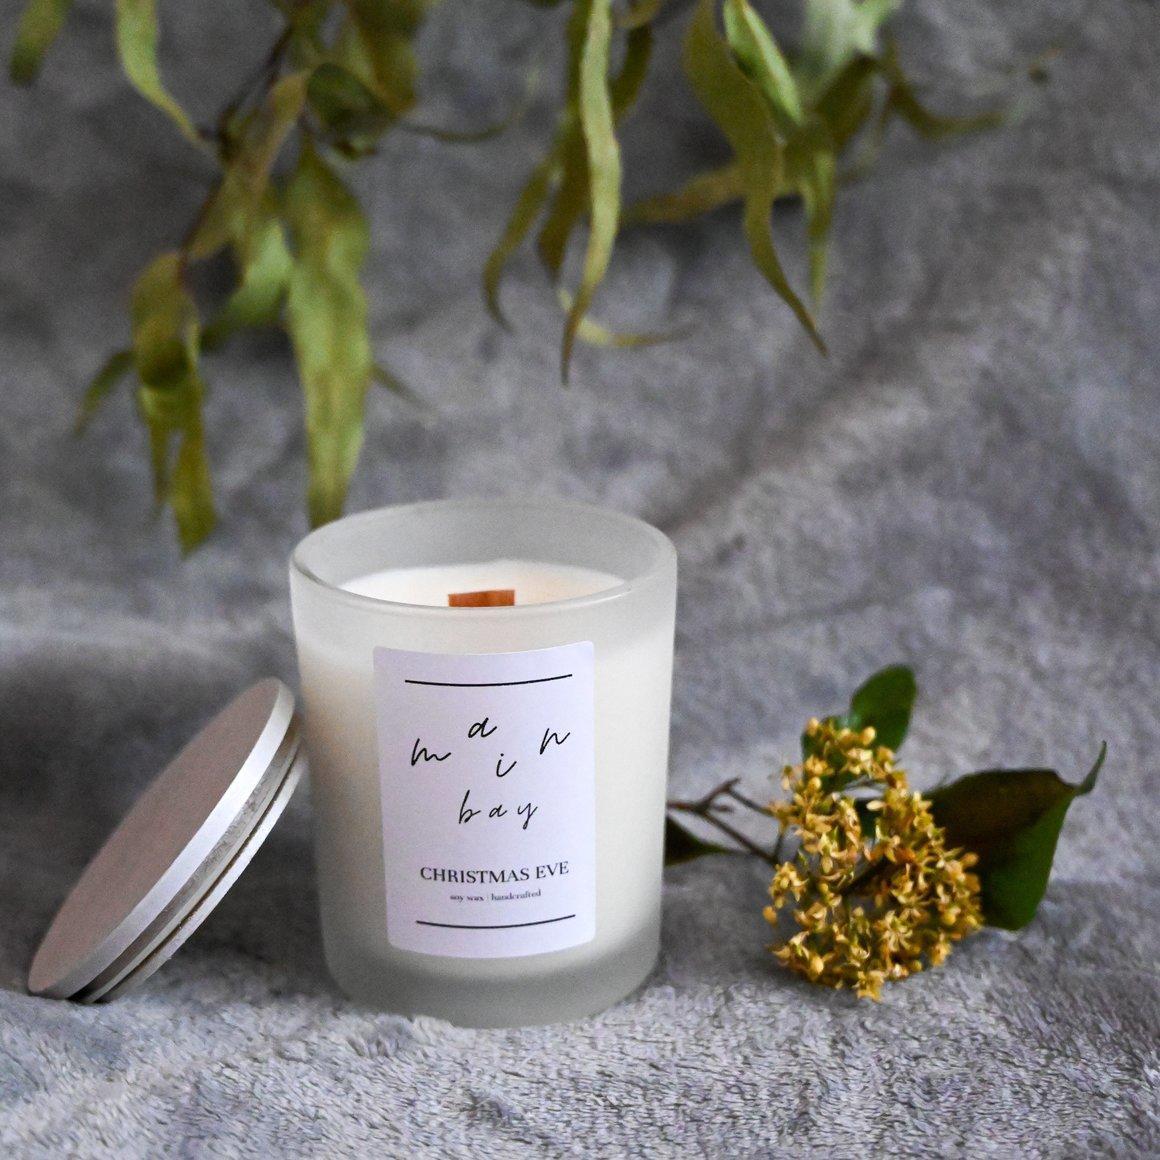 Christmas Eve 165g Milieu Candle | Trada Marketplace